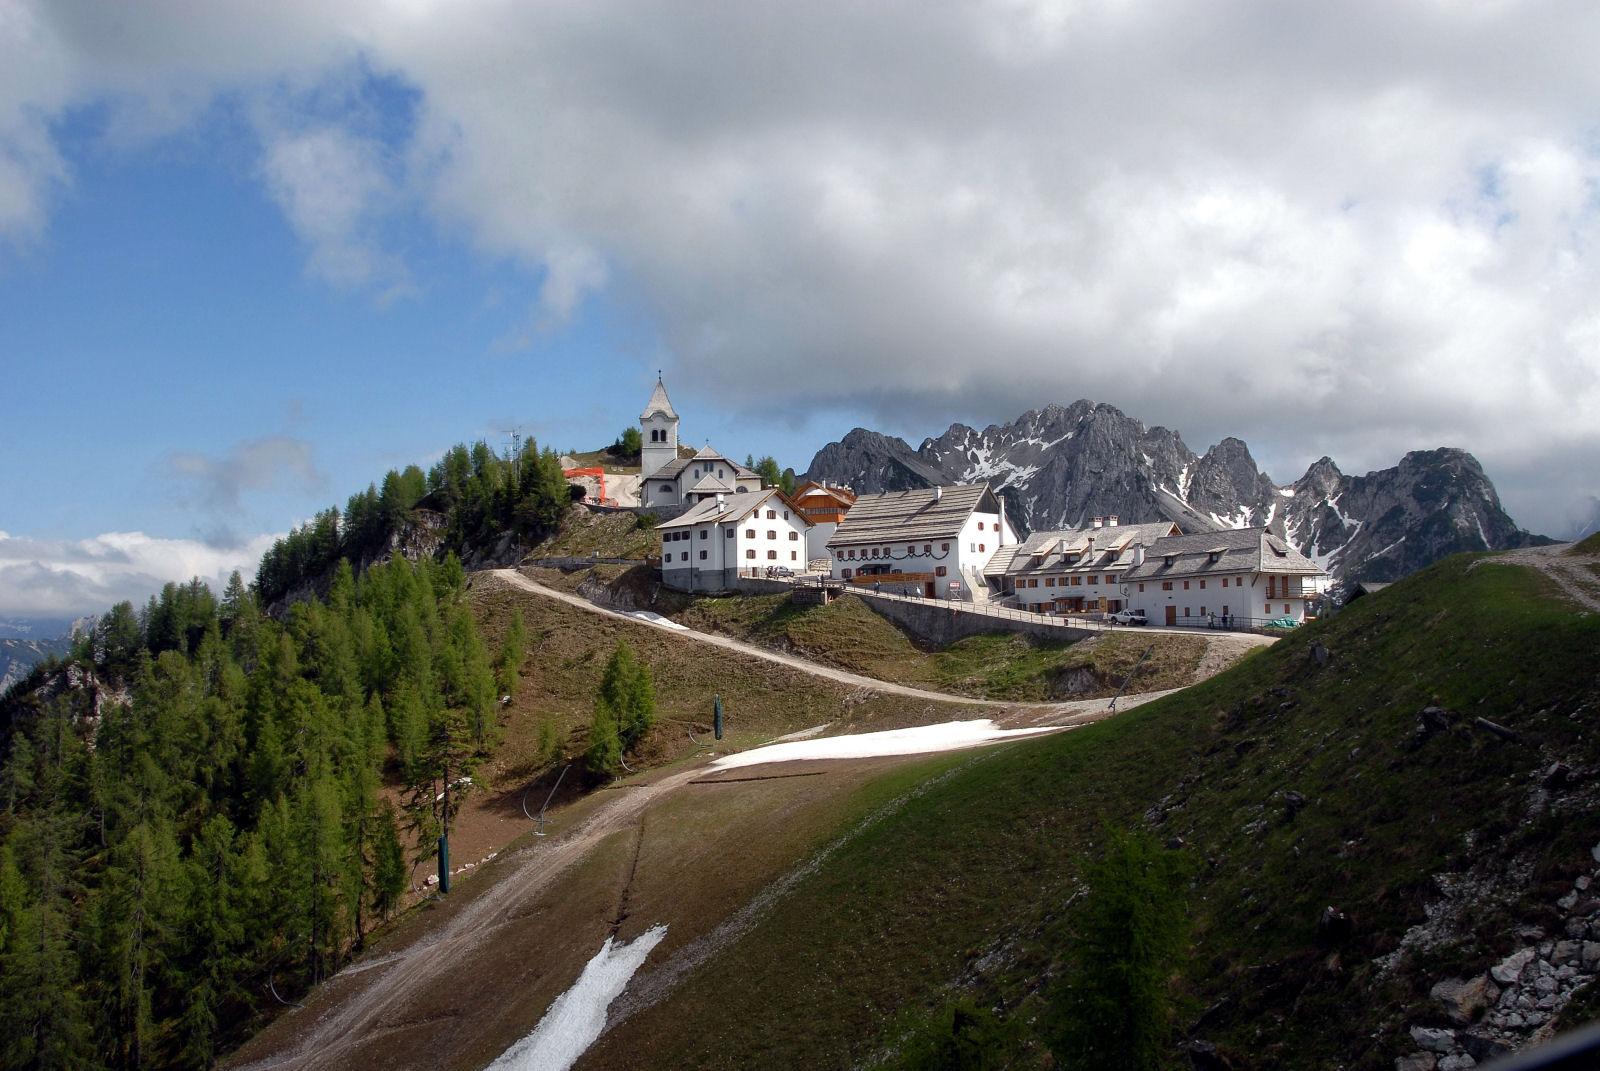 Monte Santo di Lussari in the community Tarvisio, province of Udine, region Friuli-Venezia Giulia, Italy